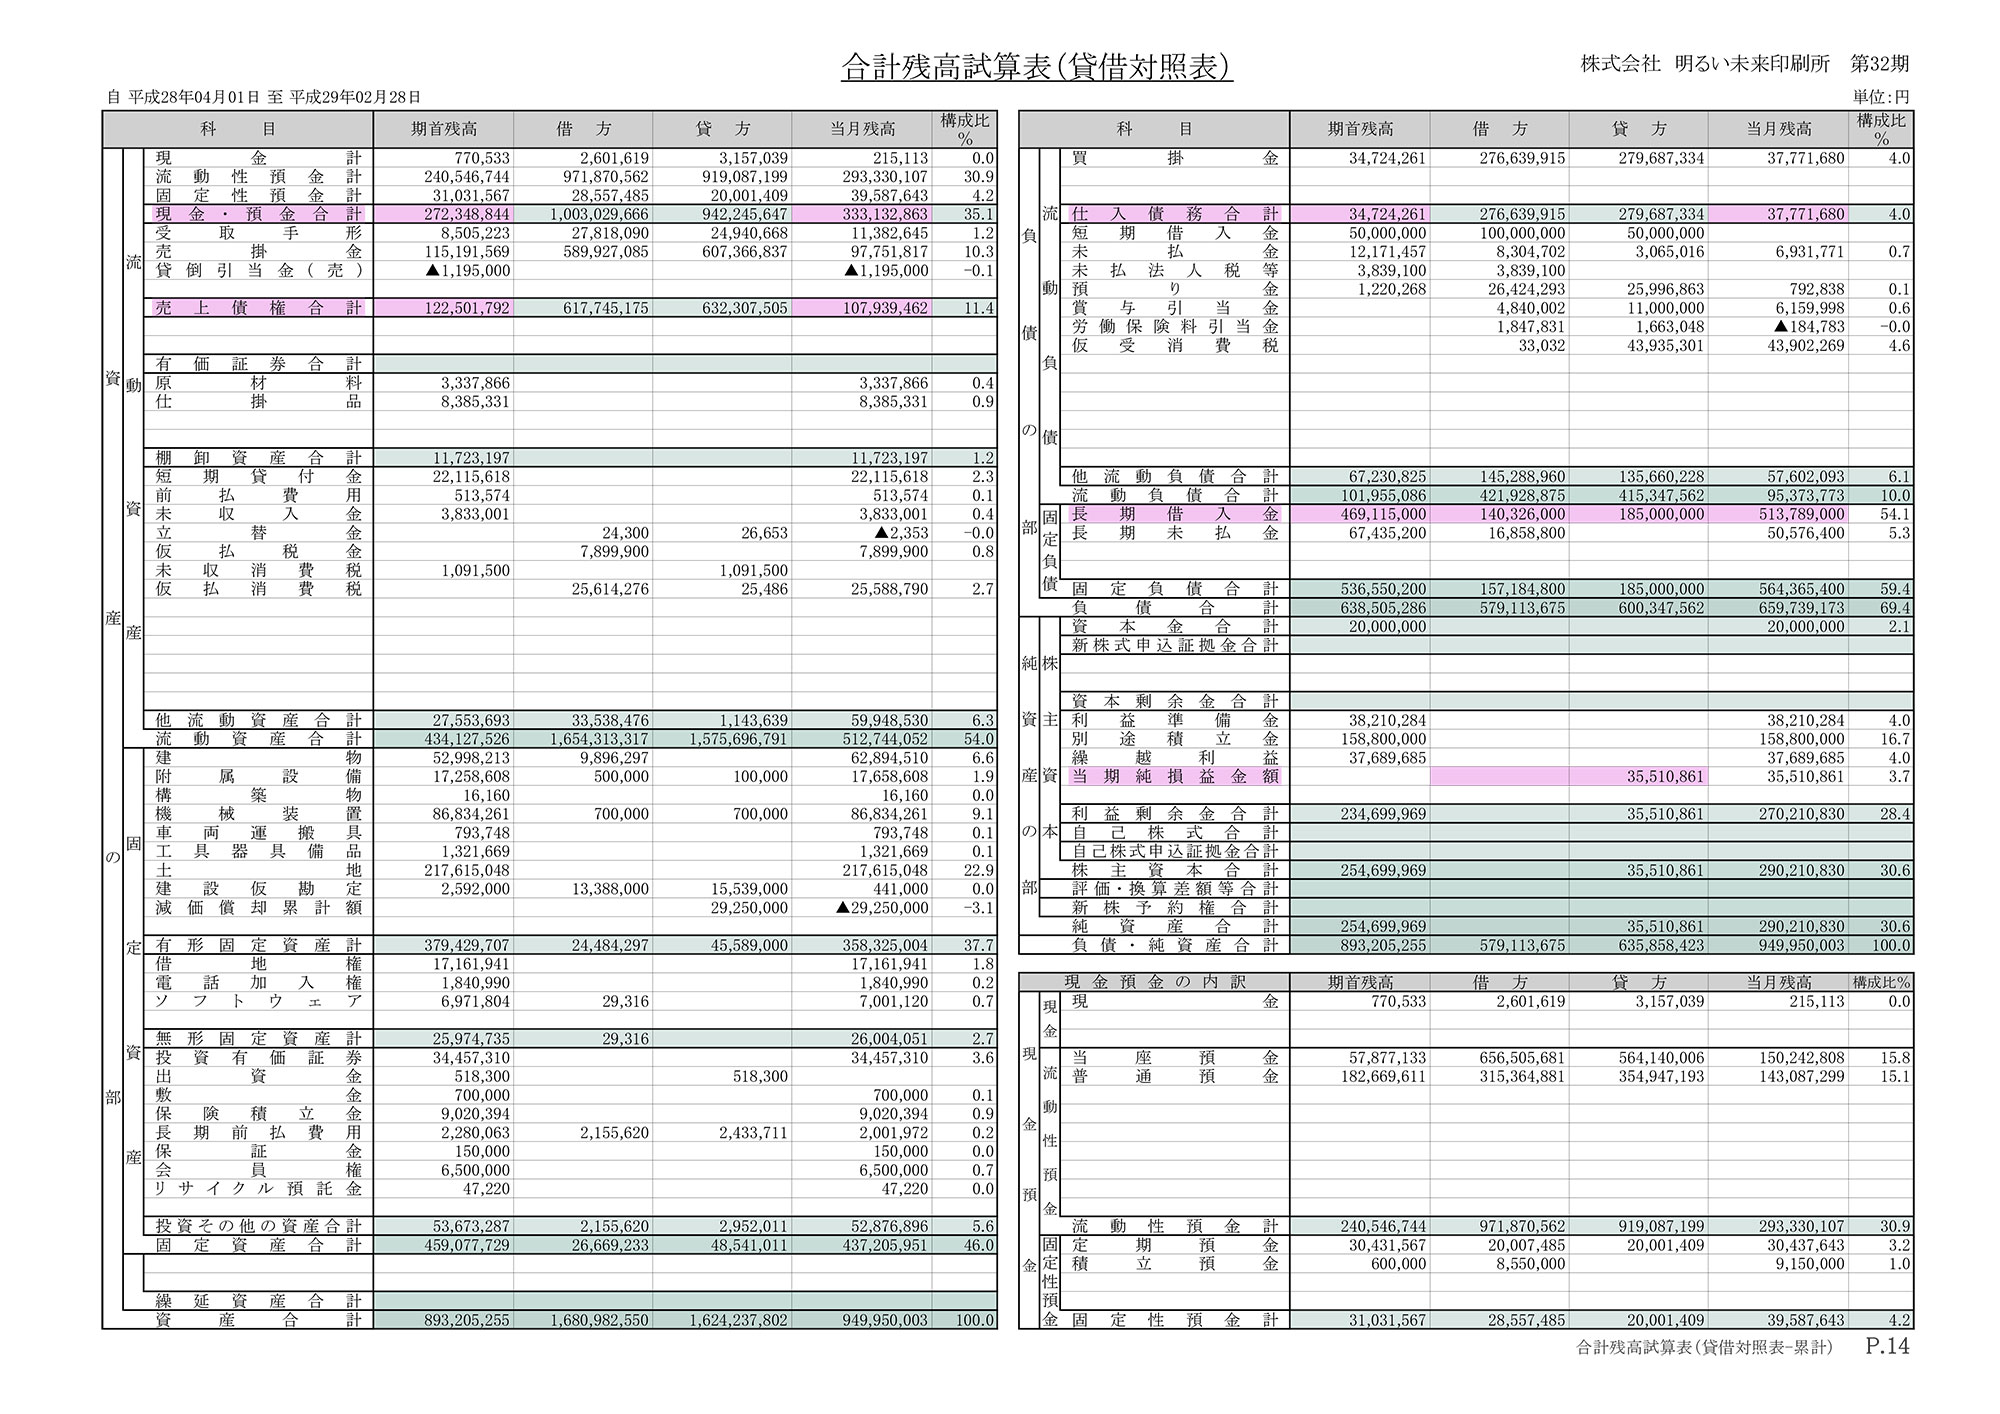 合計残高試算表(貸借対照表)